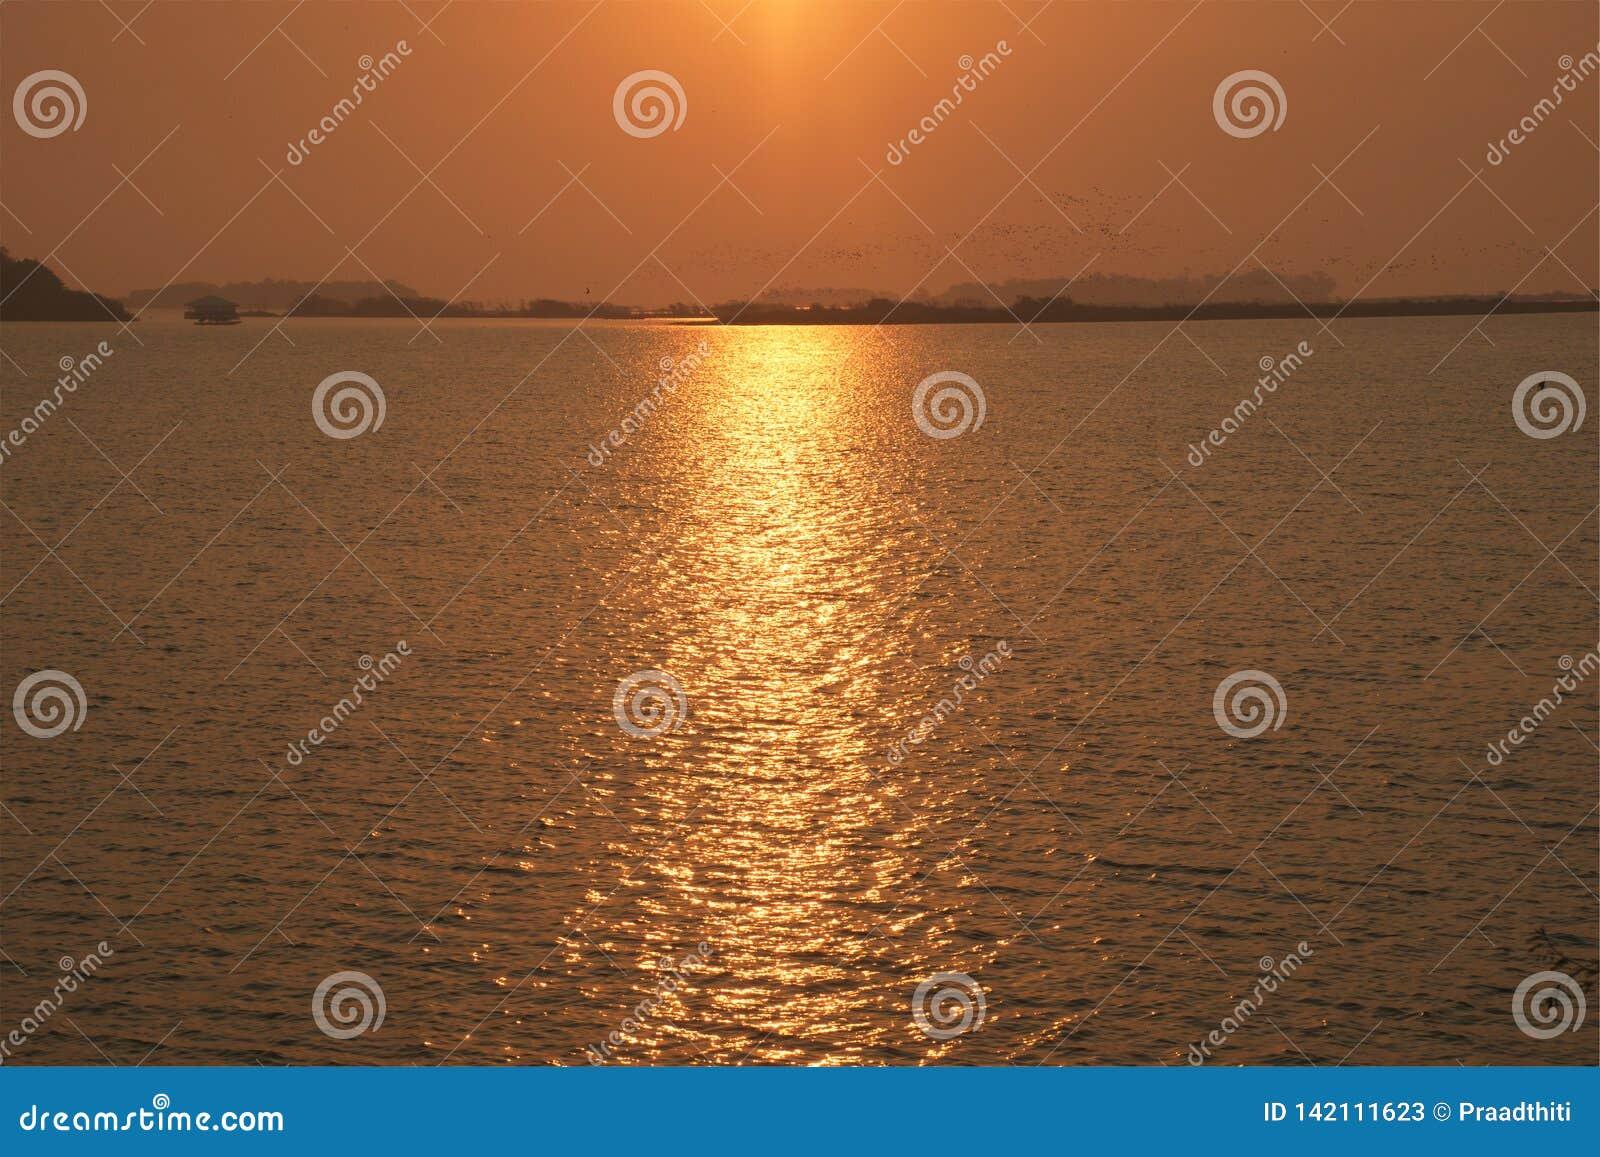 Natuurlijk van het meer bij zonsopgang